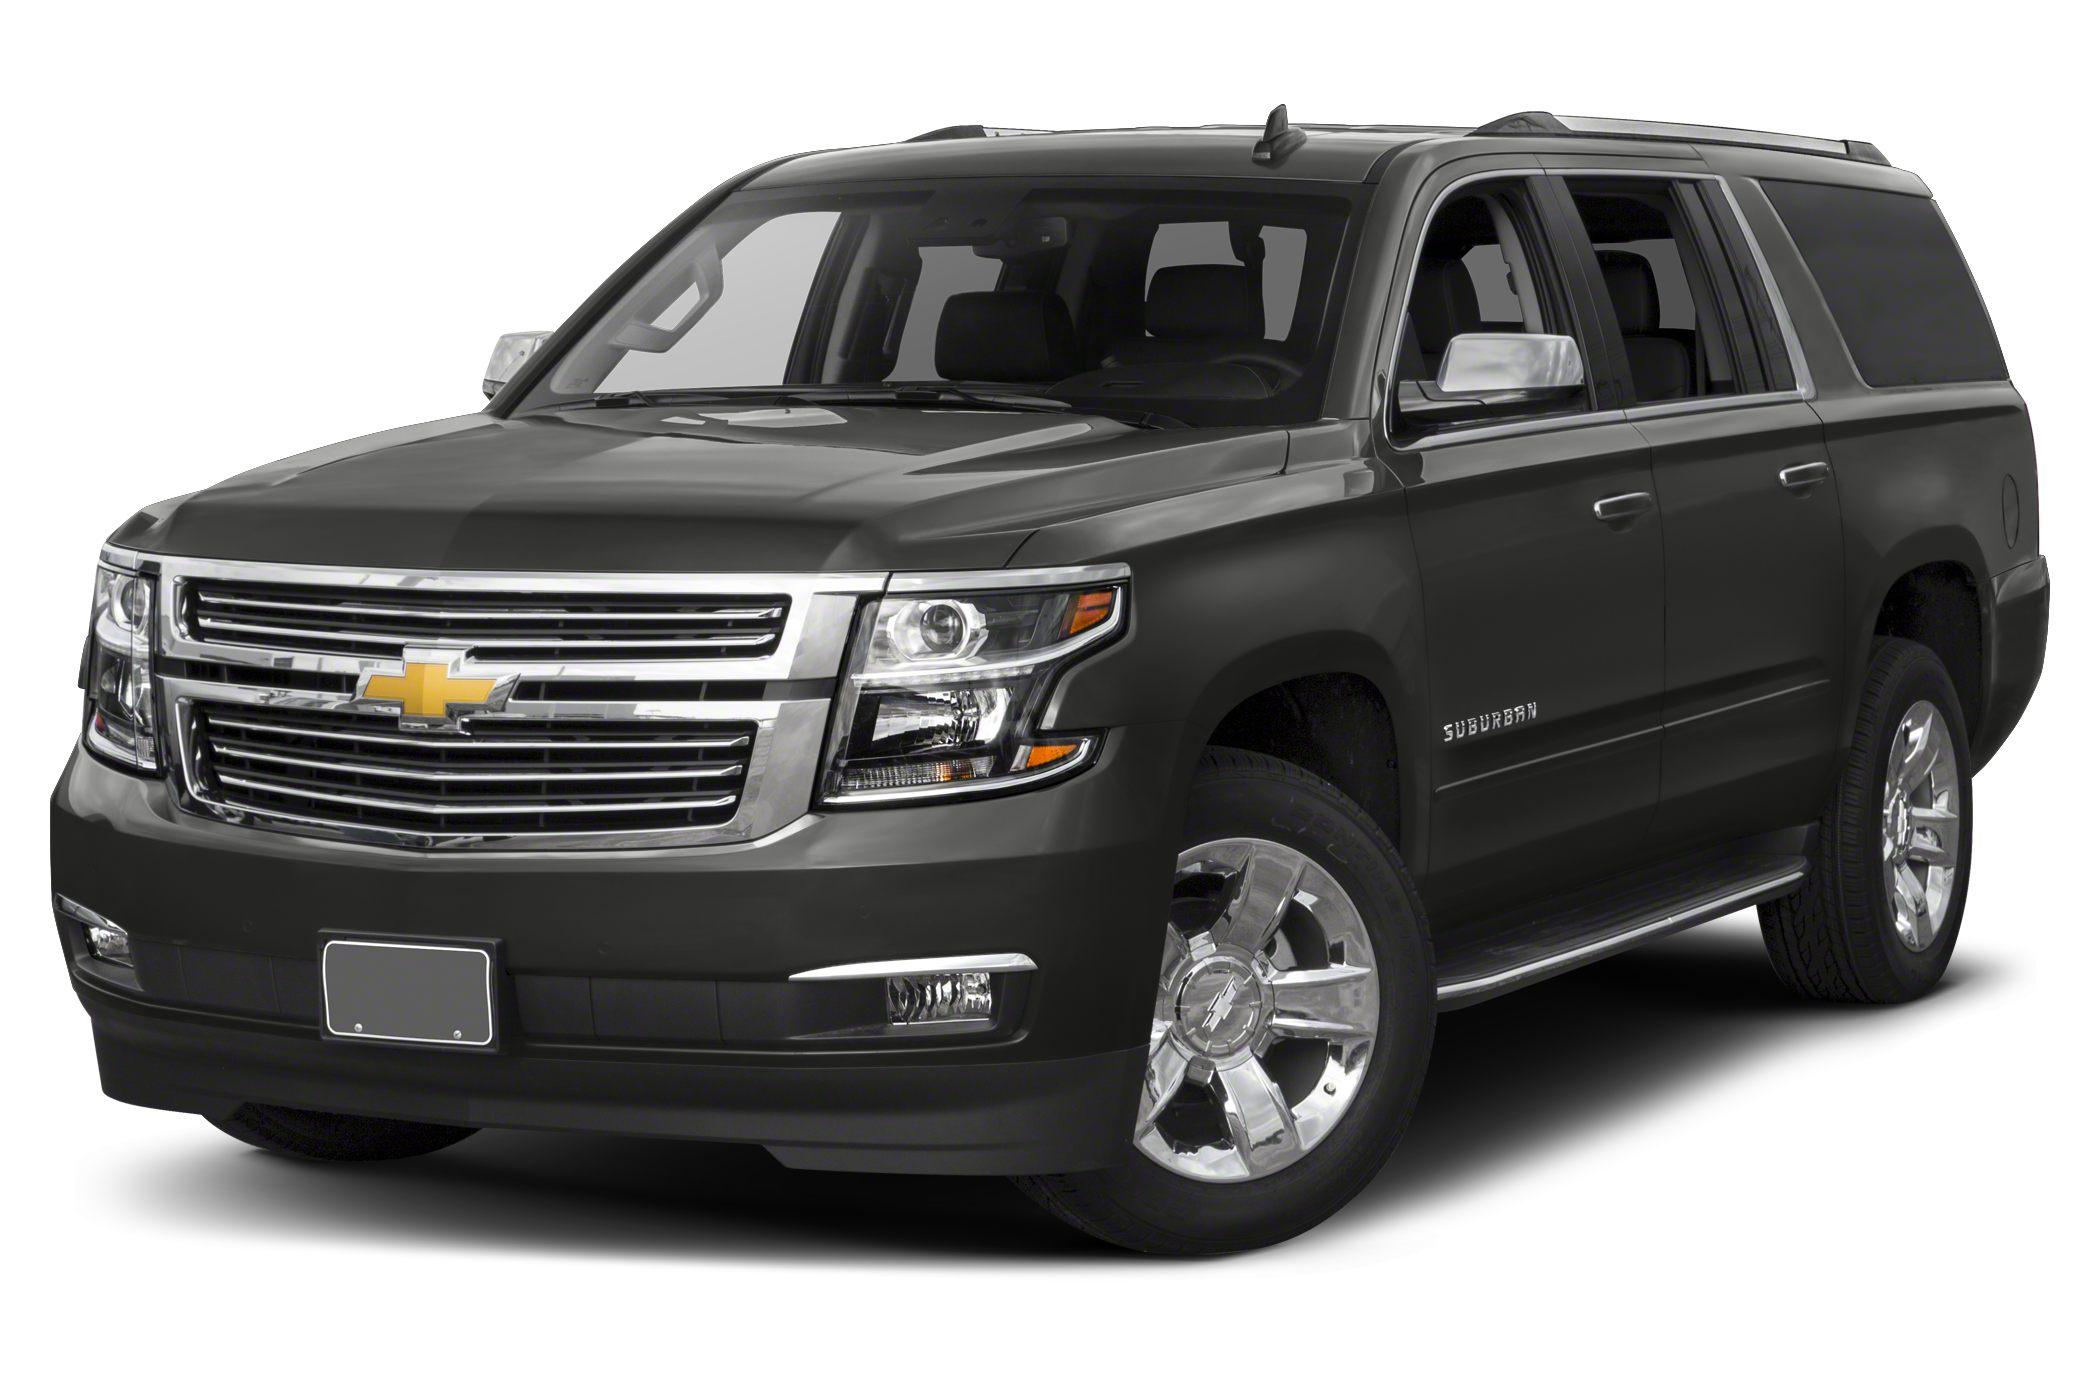 2017 Chevrolet Suburban Premier Miles 5Color White Stock S177482 VIN 1GNSKJKC4HR318914